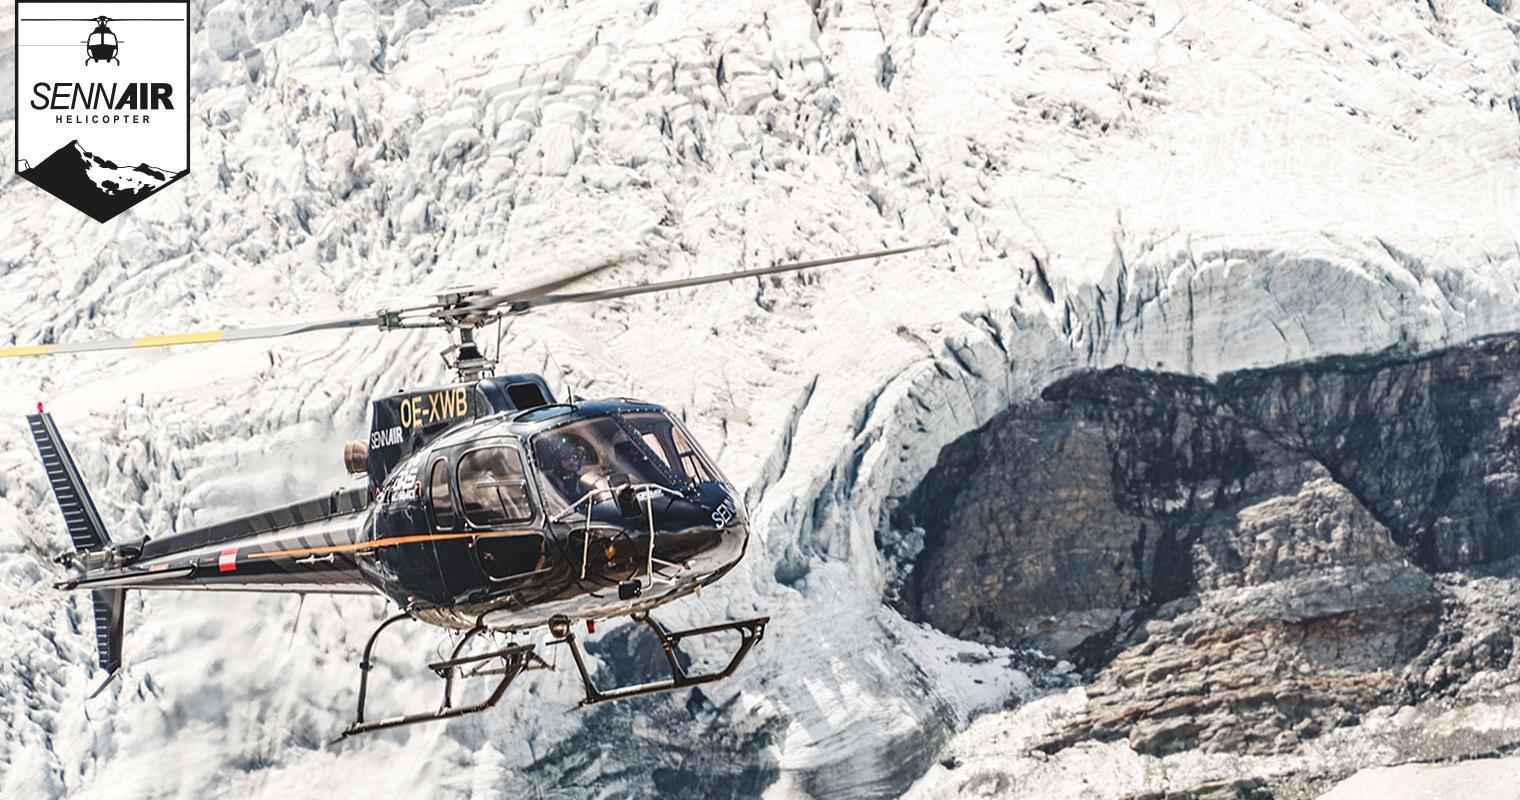 Sennair Helikopter Österreich - Per Heli Zum Puren Glücksgefühl für Hubschrauber Rundflug Salzburg